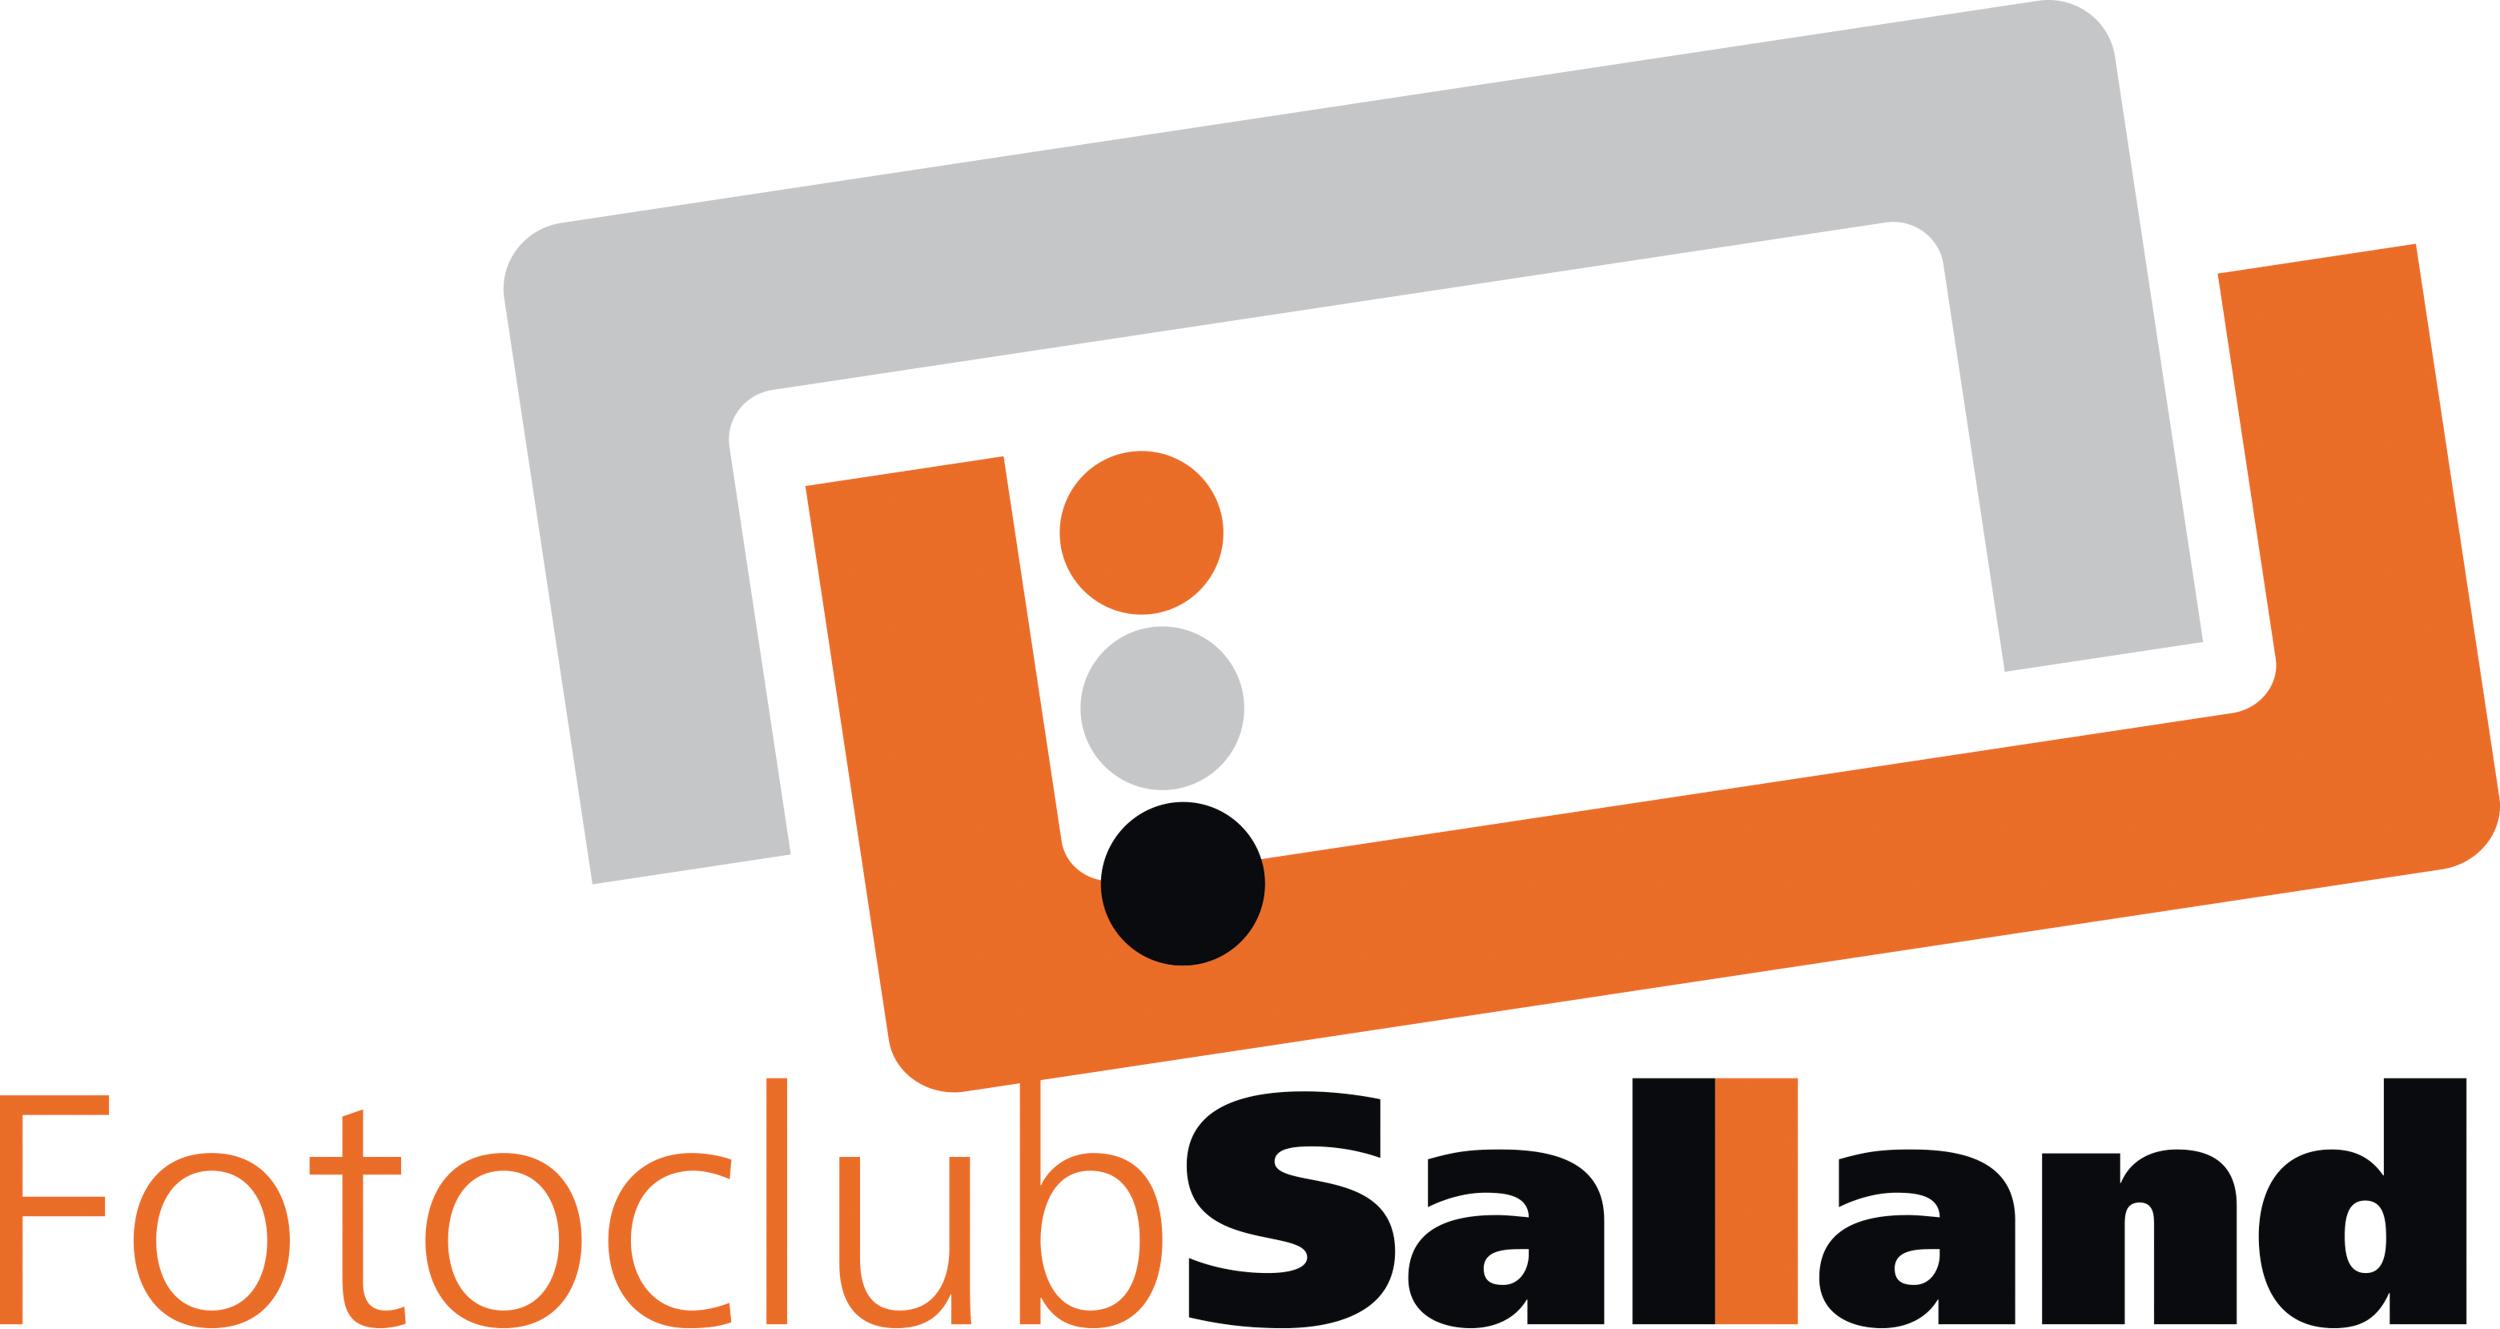 Fotoclub-Salland-logo- (1 of 1).jpg